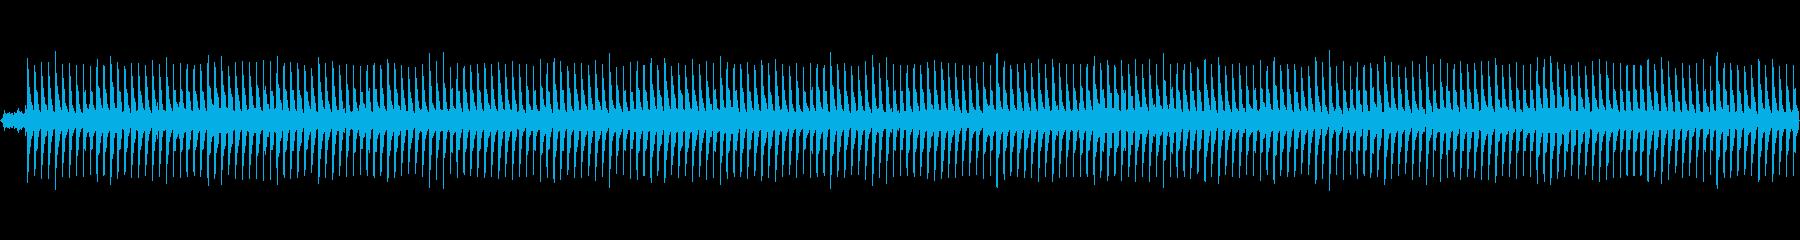 ホラー風BGM -逃走- ループ素材の再生済みの波形